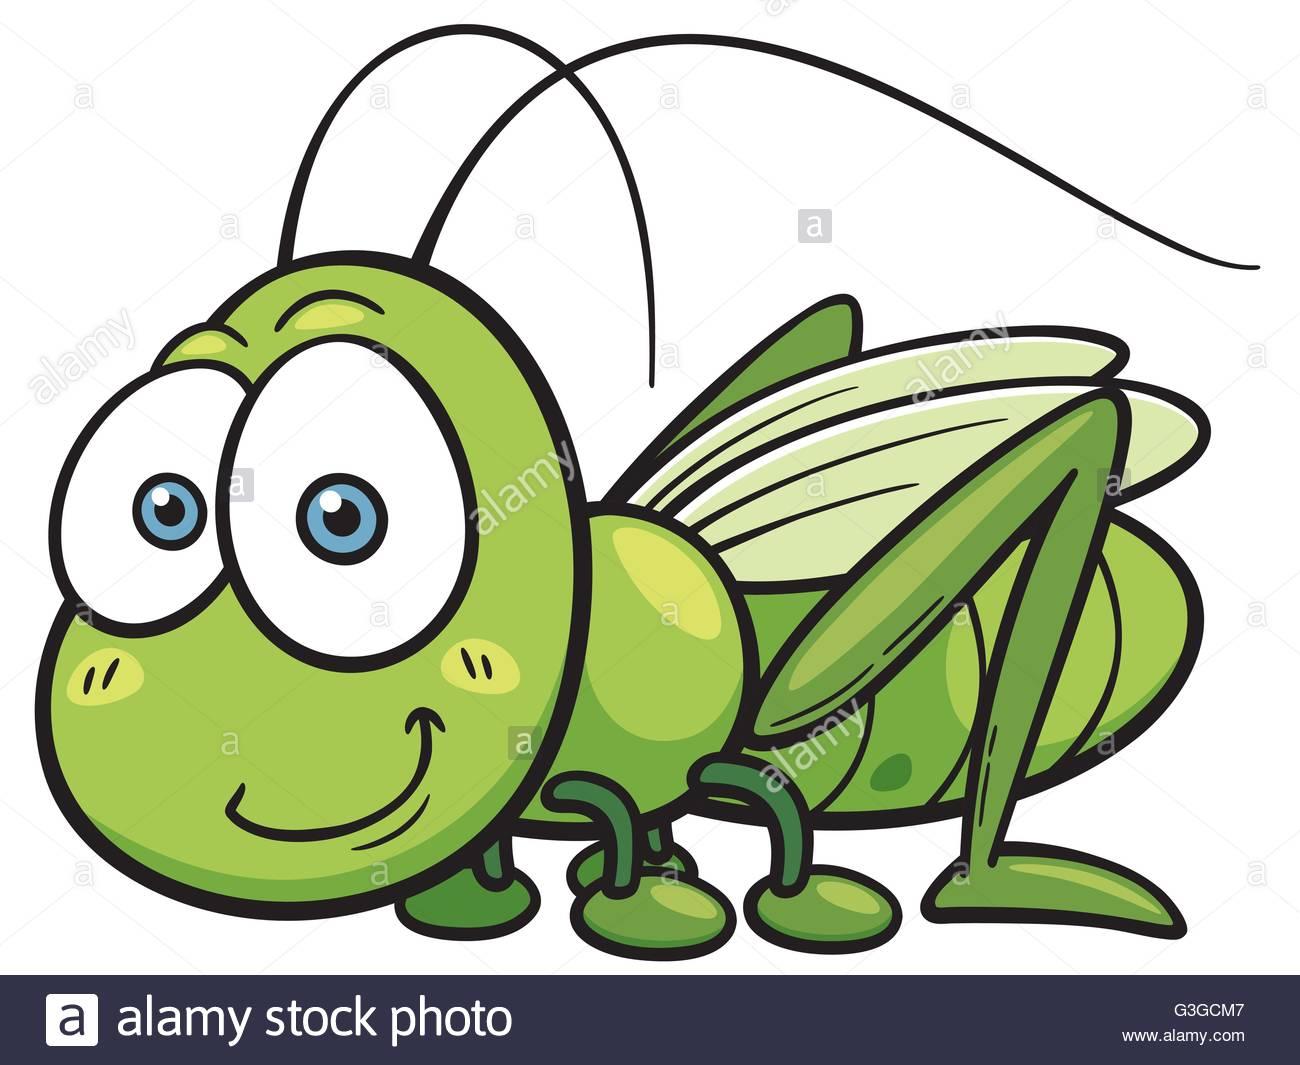 Vector illustration of Cartoon Grasshopper Stock Vector Art.